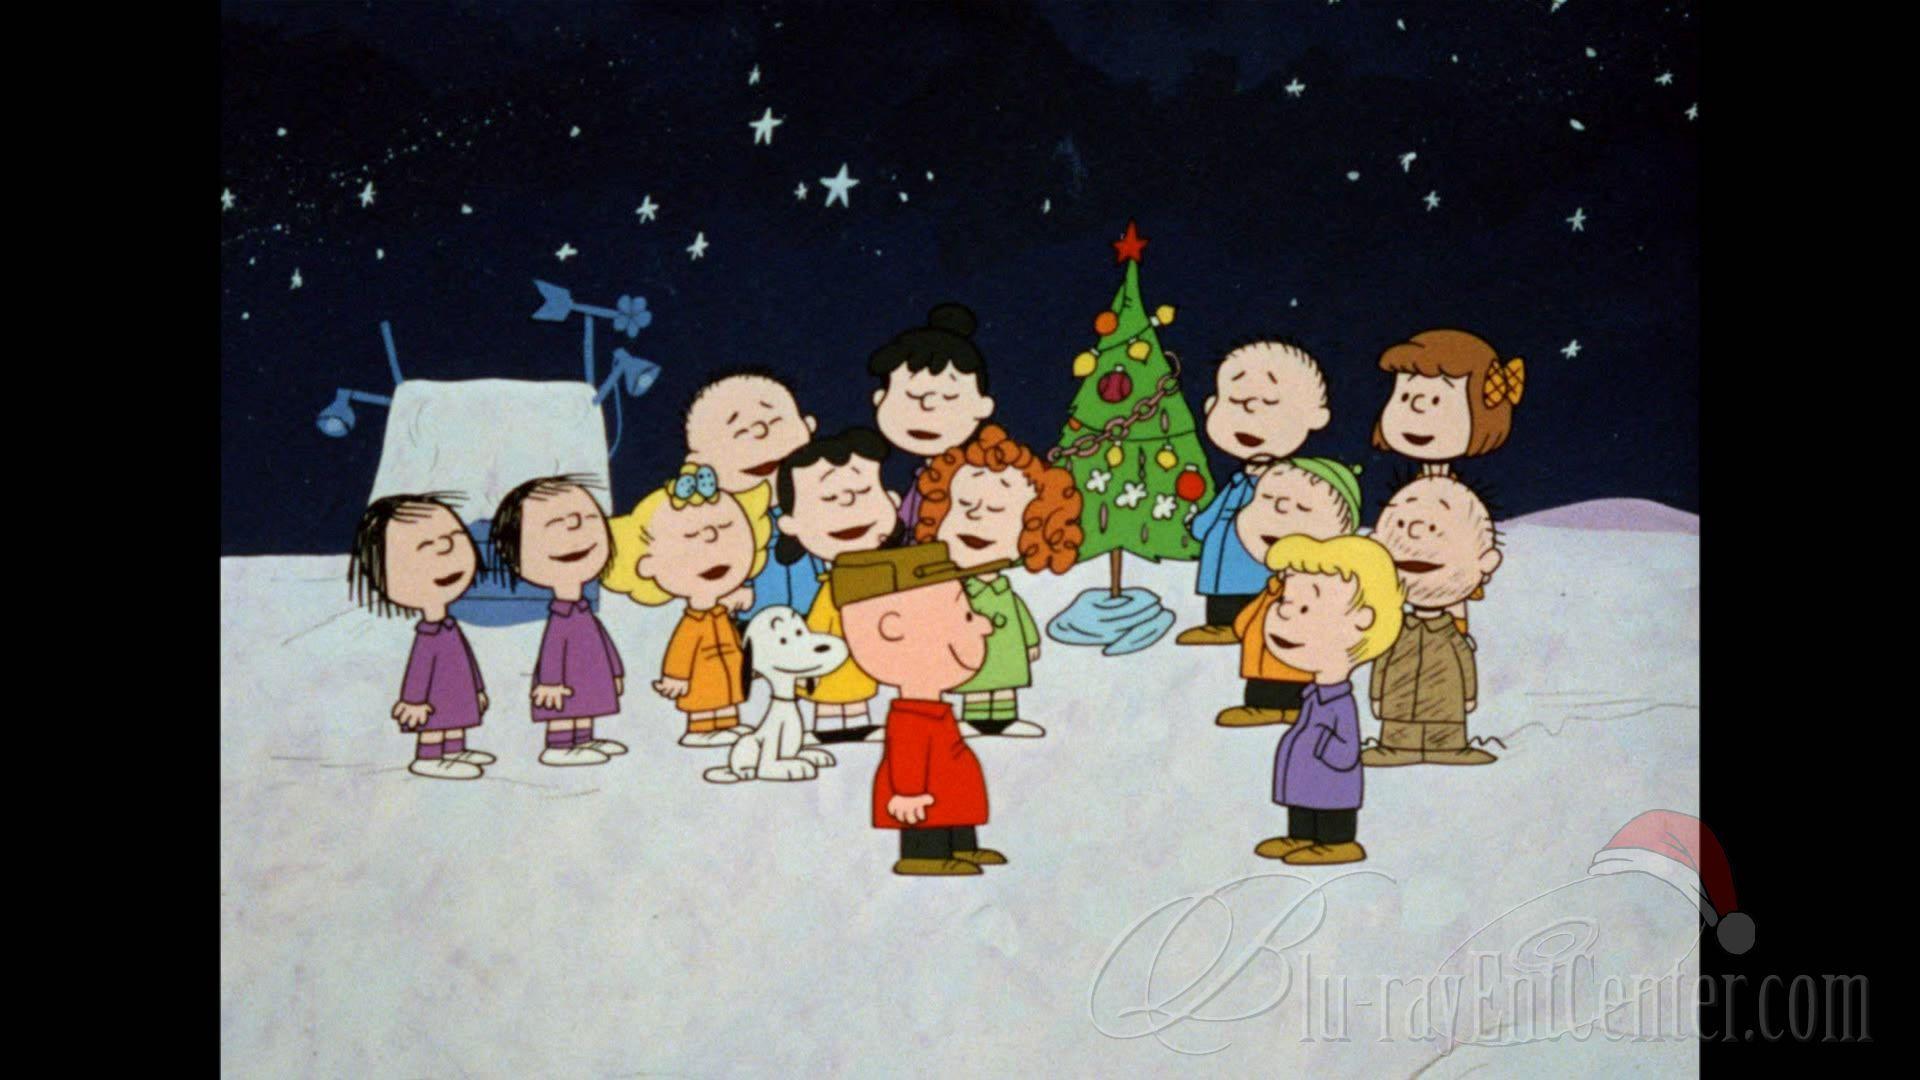 Charlie Brown Christmas Wallpaper - WallpaperSafari